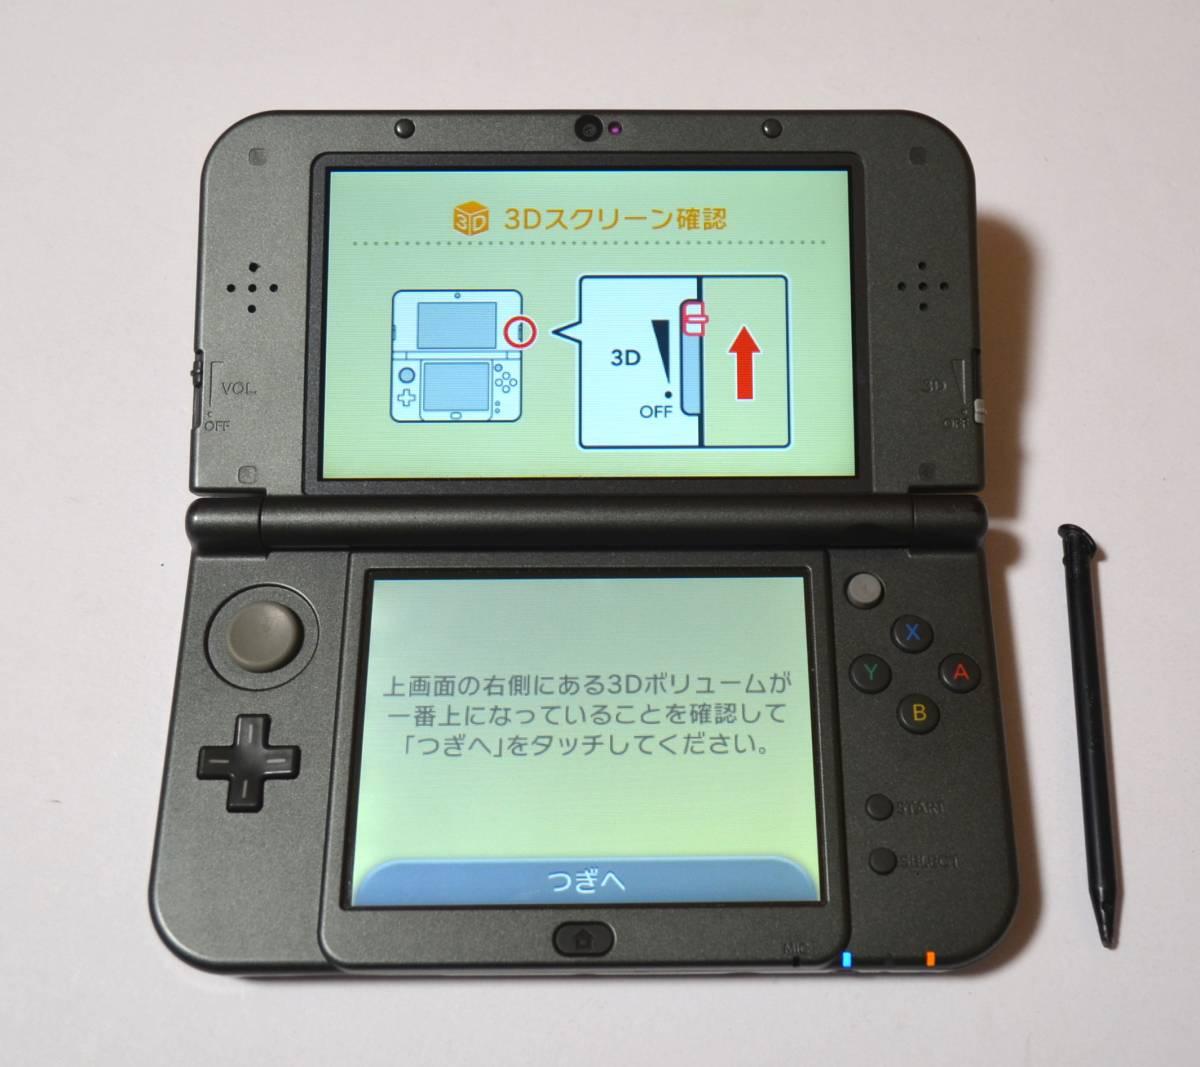 【中古】Newニンテンドー 3DS LL メタリックブラック 動作確認 即決 送料594円から 管理